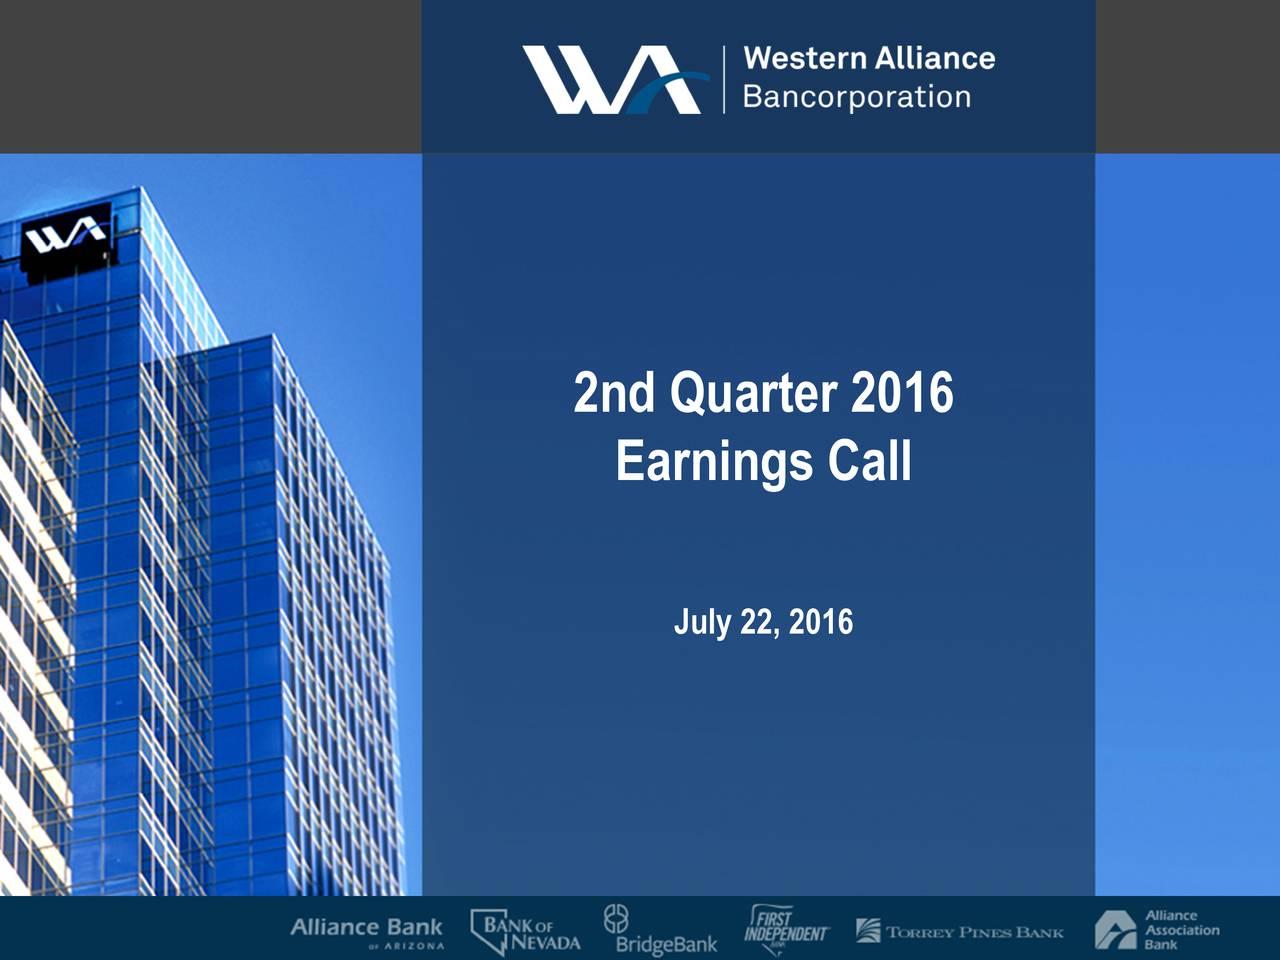 Earnings Call July22, 2016